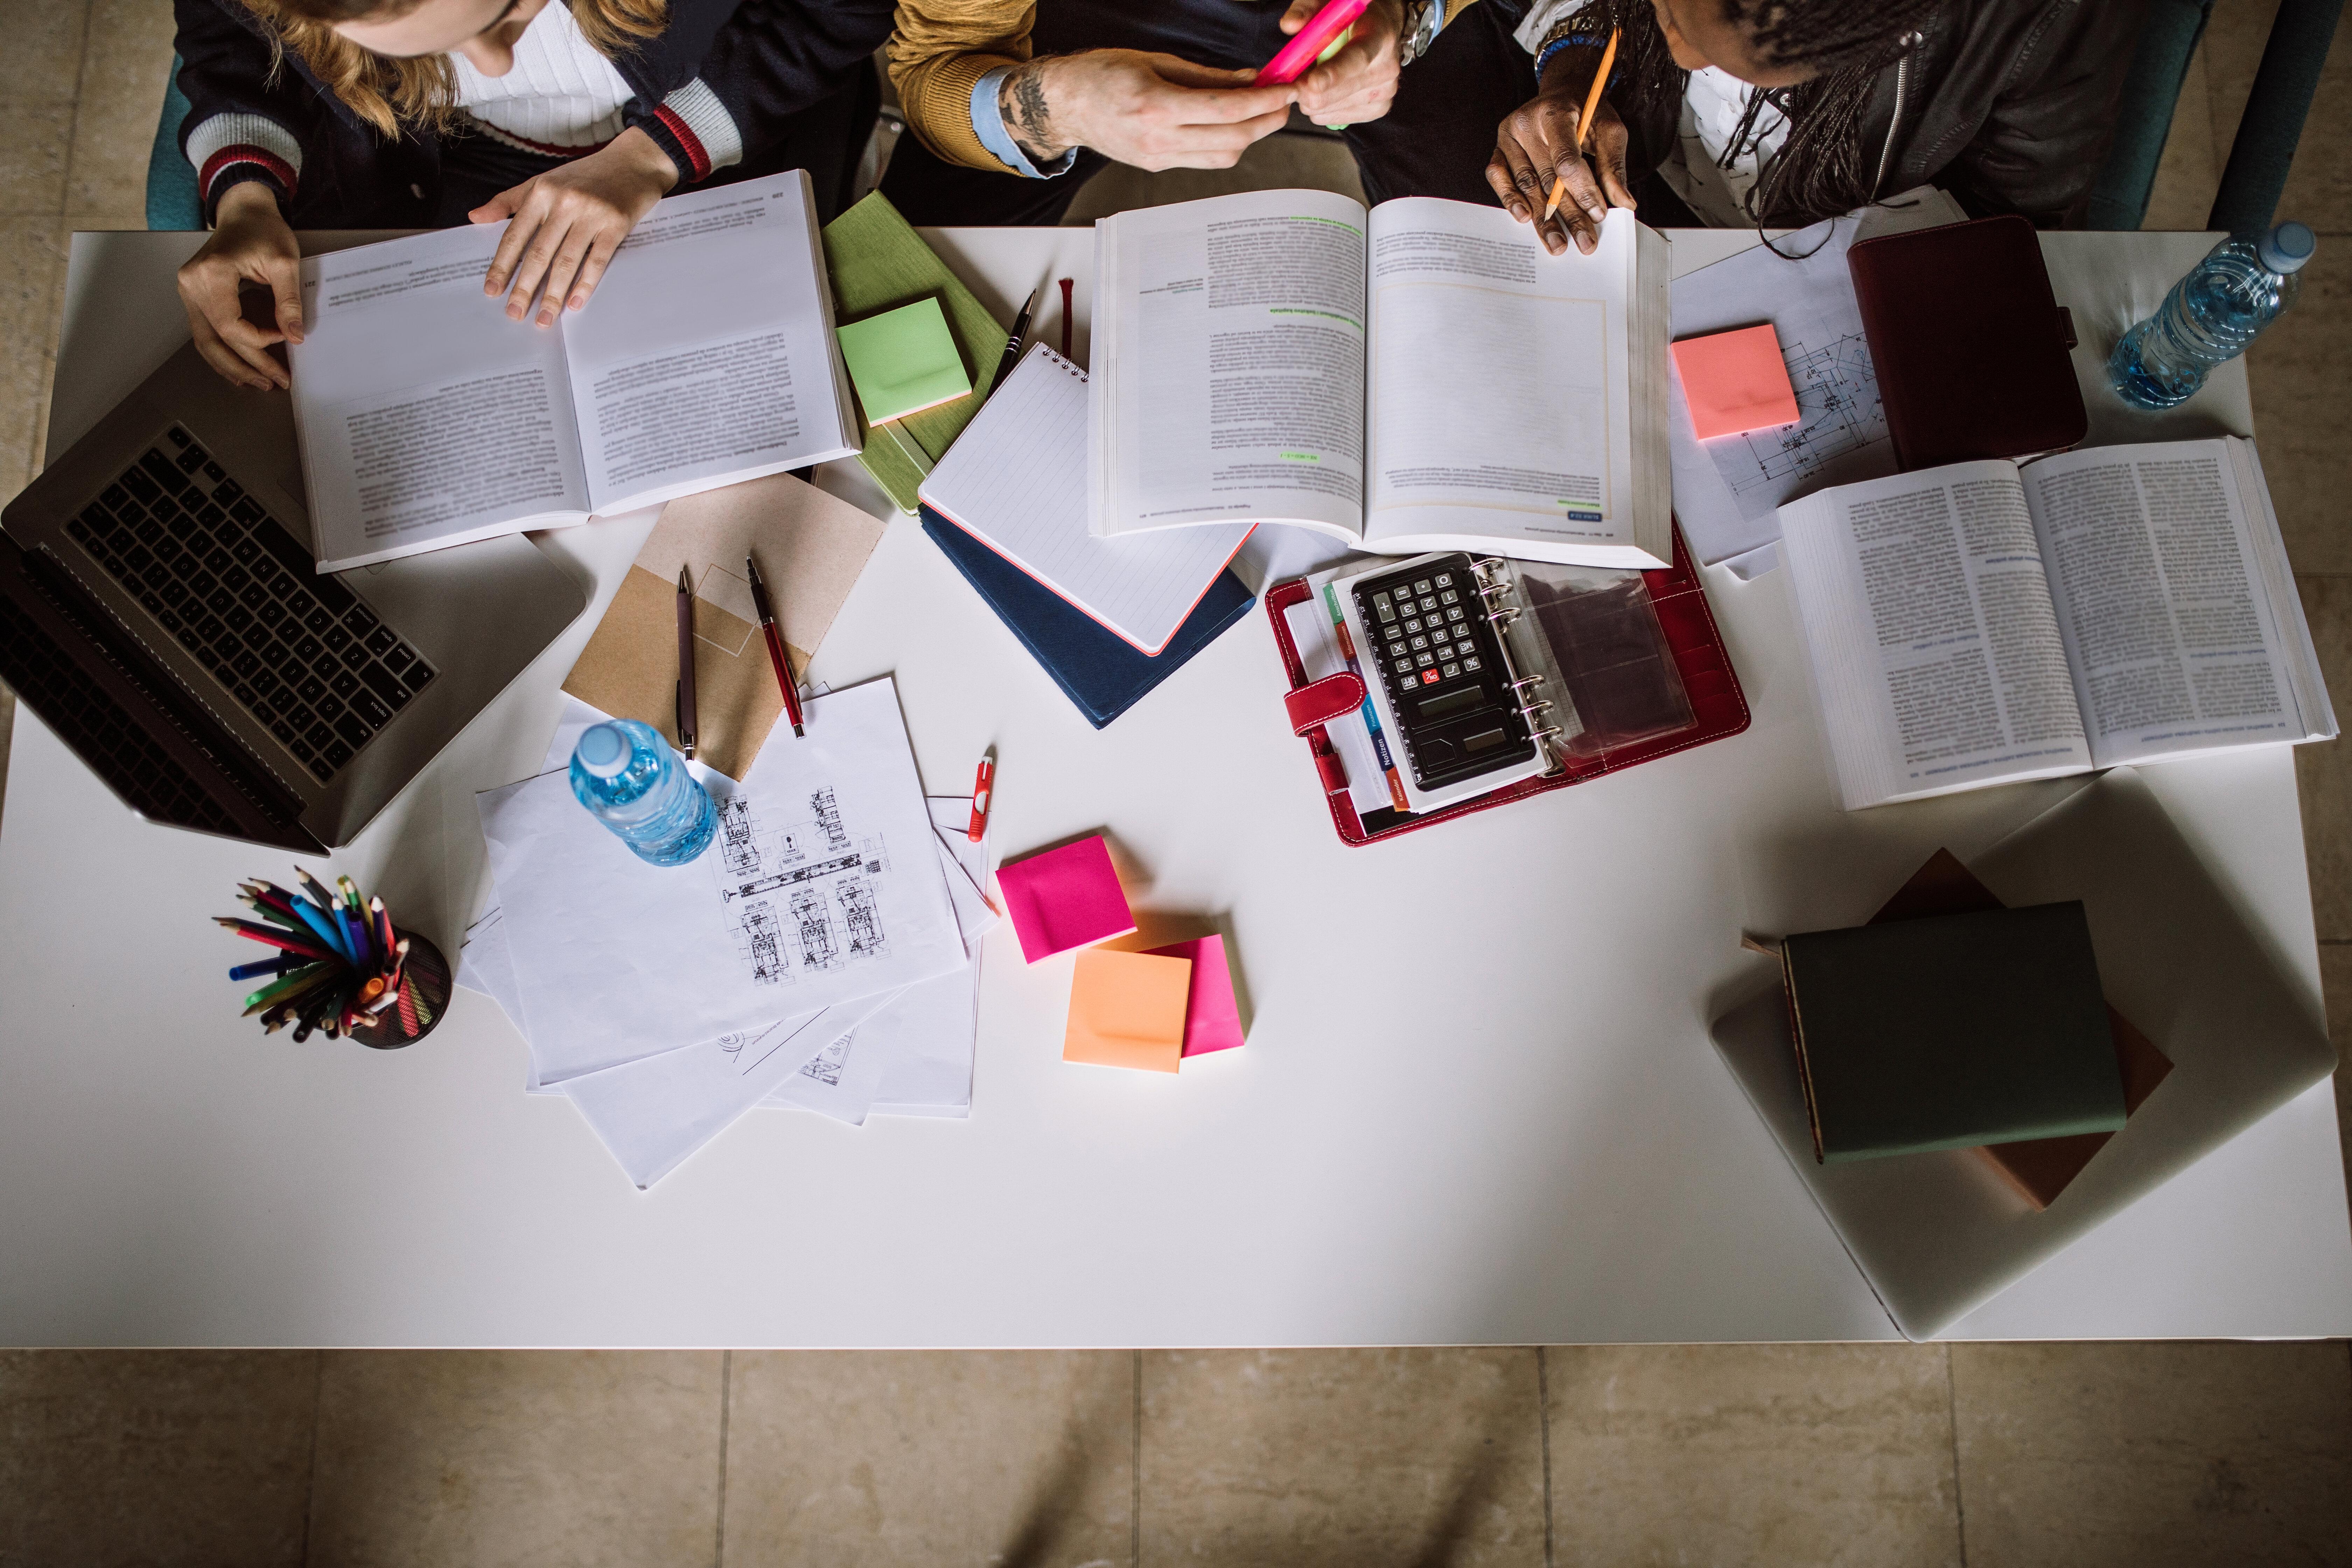 Quels sont les outils nécessaires à la réussite aux examens et